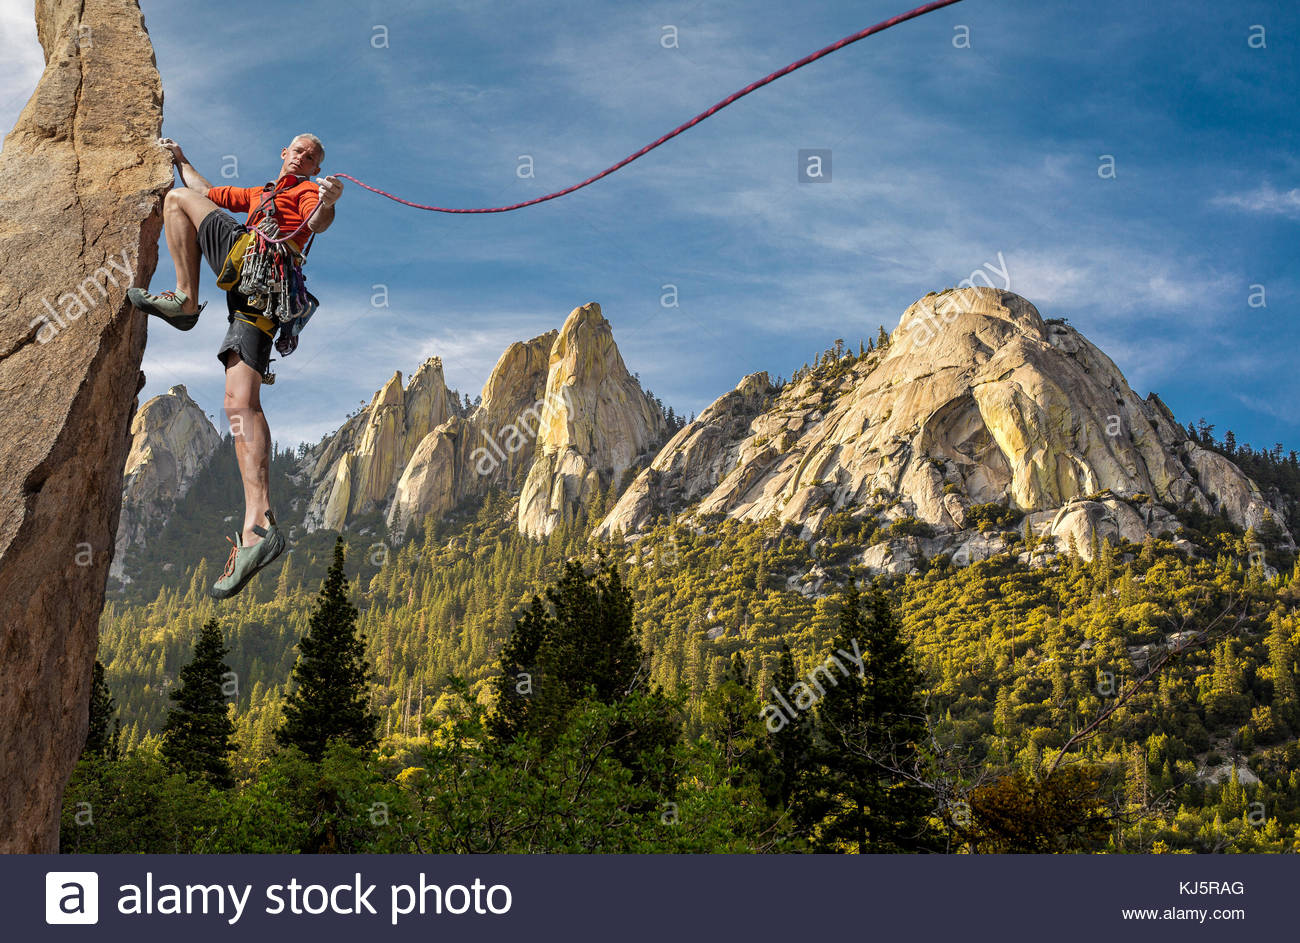 Escalador sosteniendo una cuerda. Hermoso paisaje de montaña Imagen De Stock